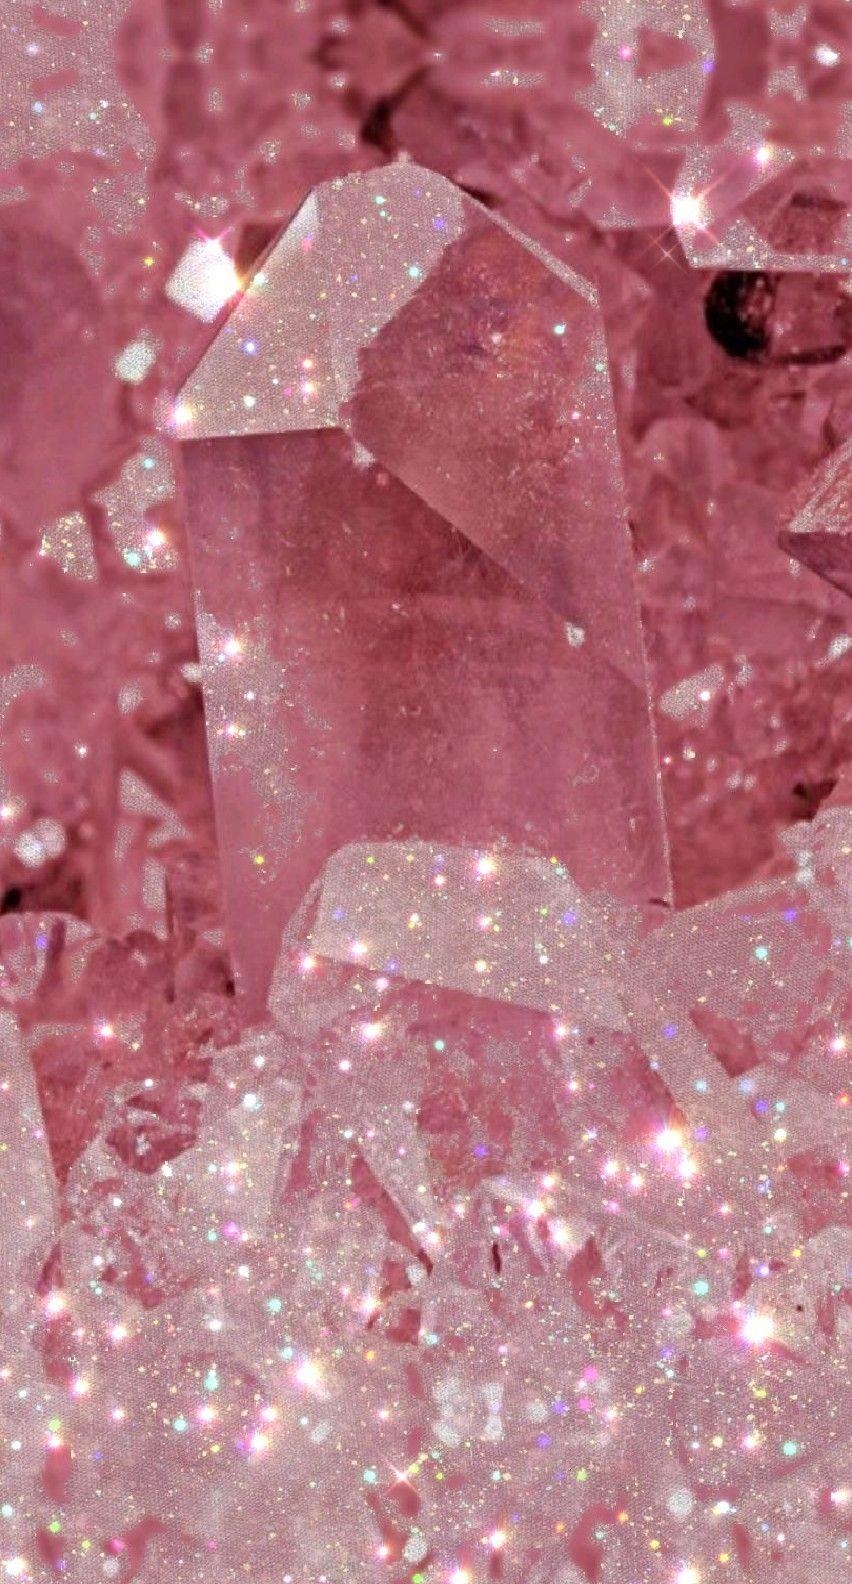 Glitter Minerals Pink Glitter Wallpaper Pink Tumblr Aesthetic Pink Neon Wallpaper Aesthetic wallpaper bling pink